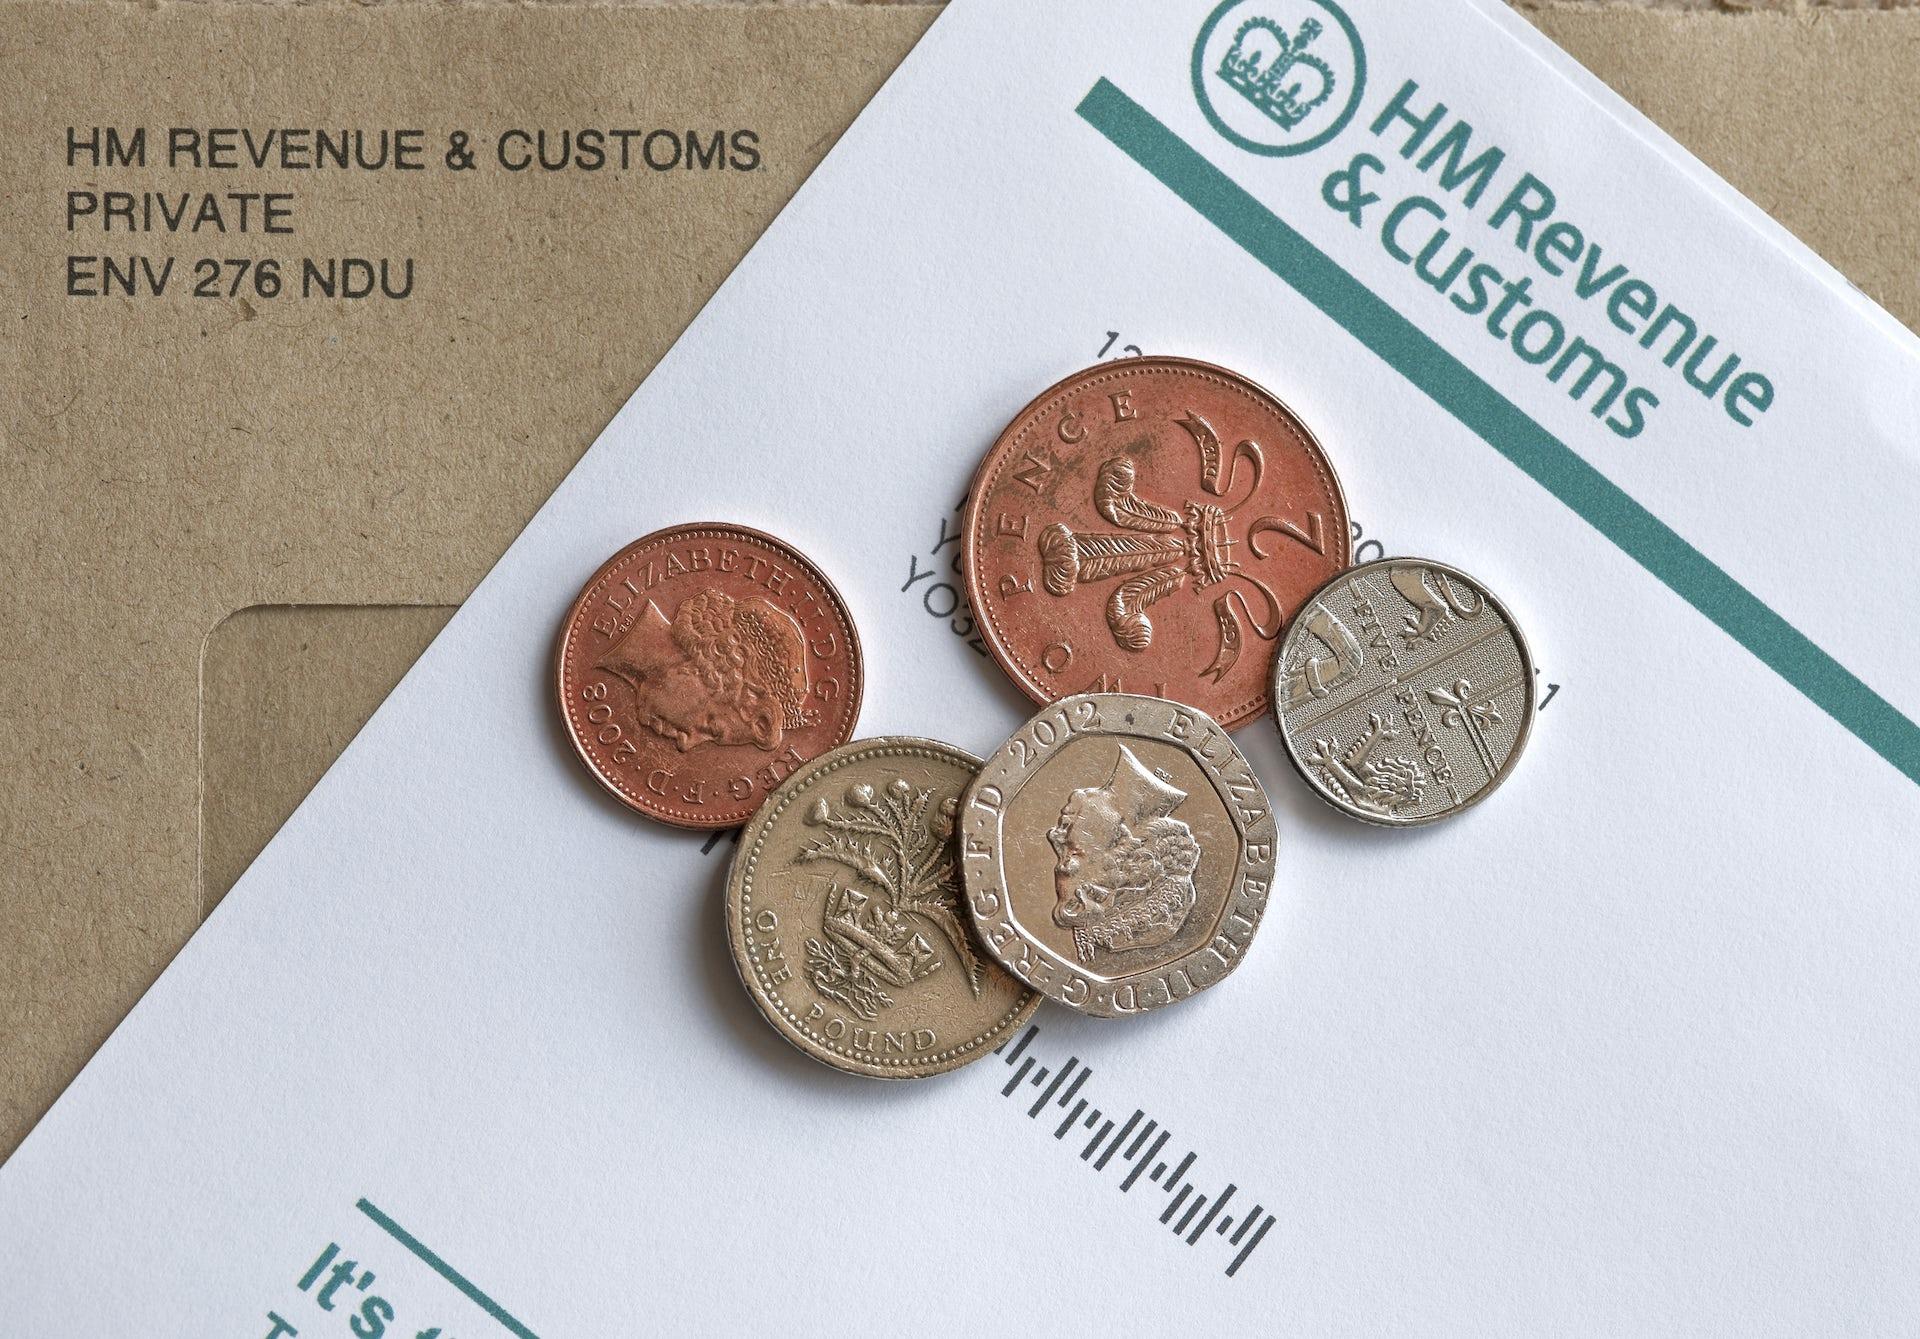 The UK permits return-free tax filing.